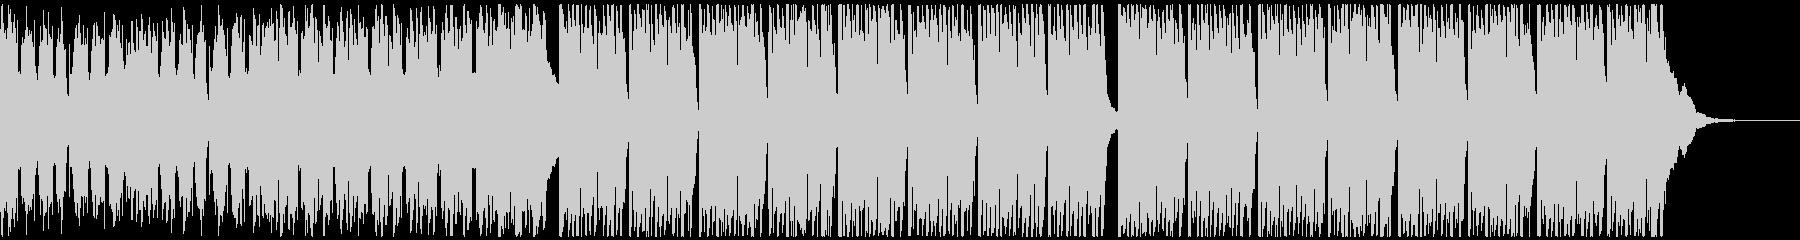 レーシング(60秒)の未再生の波形